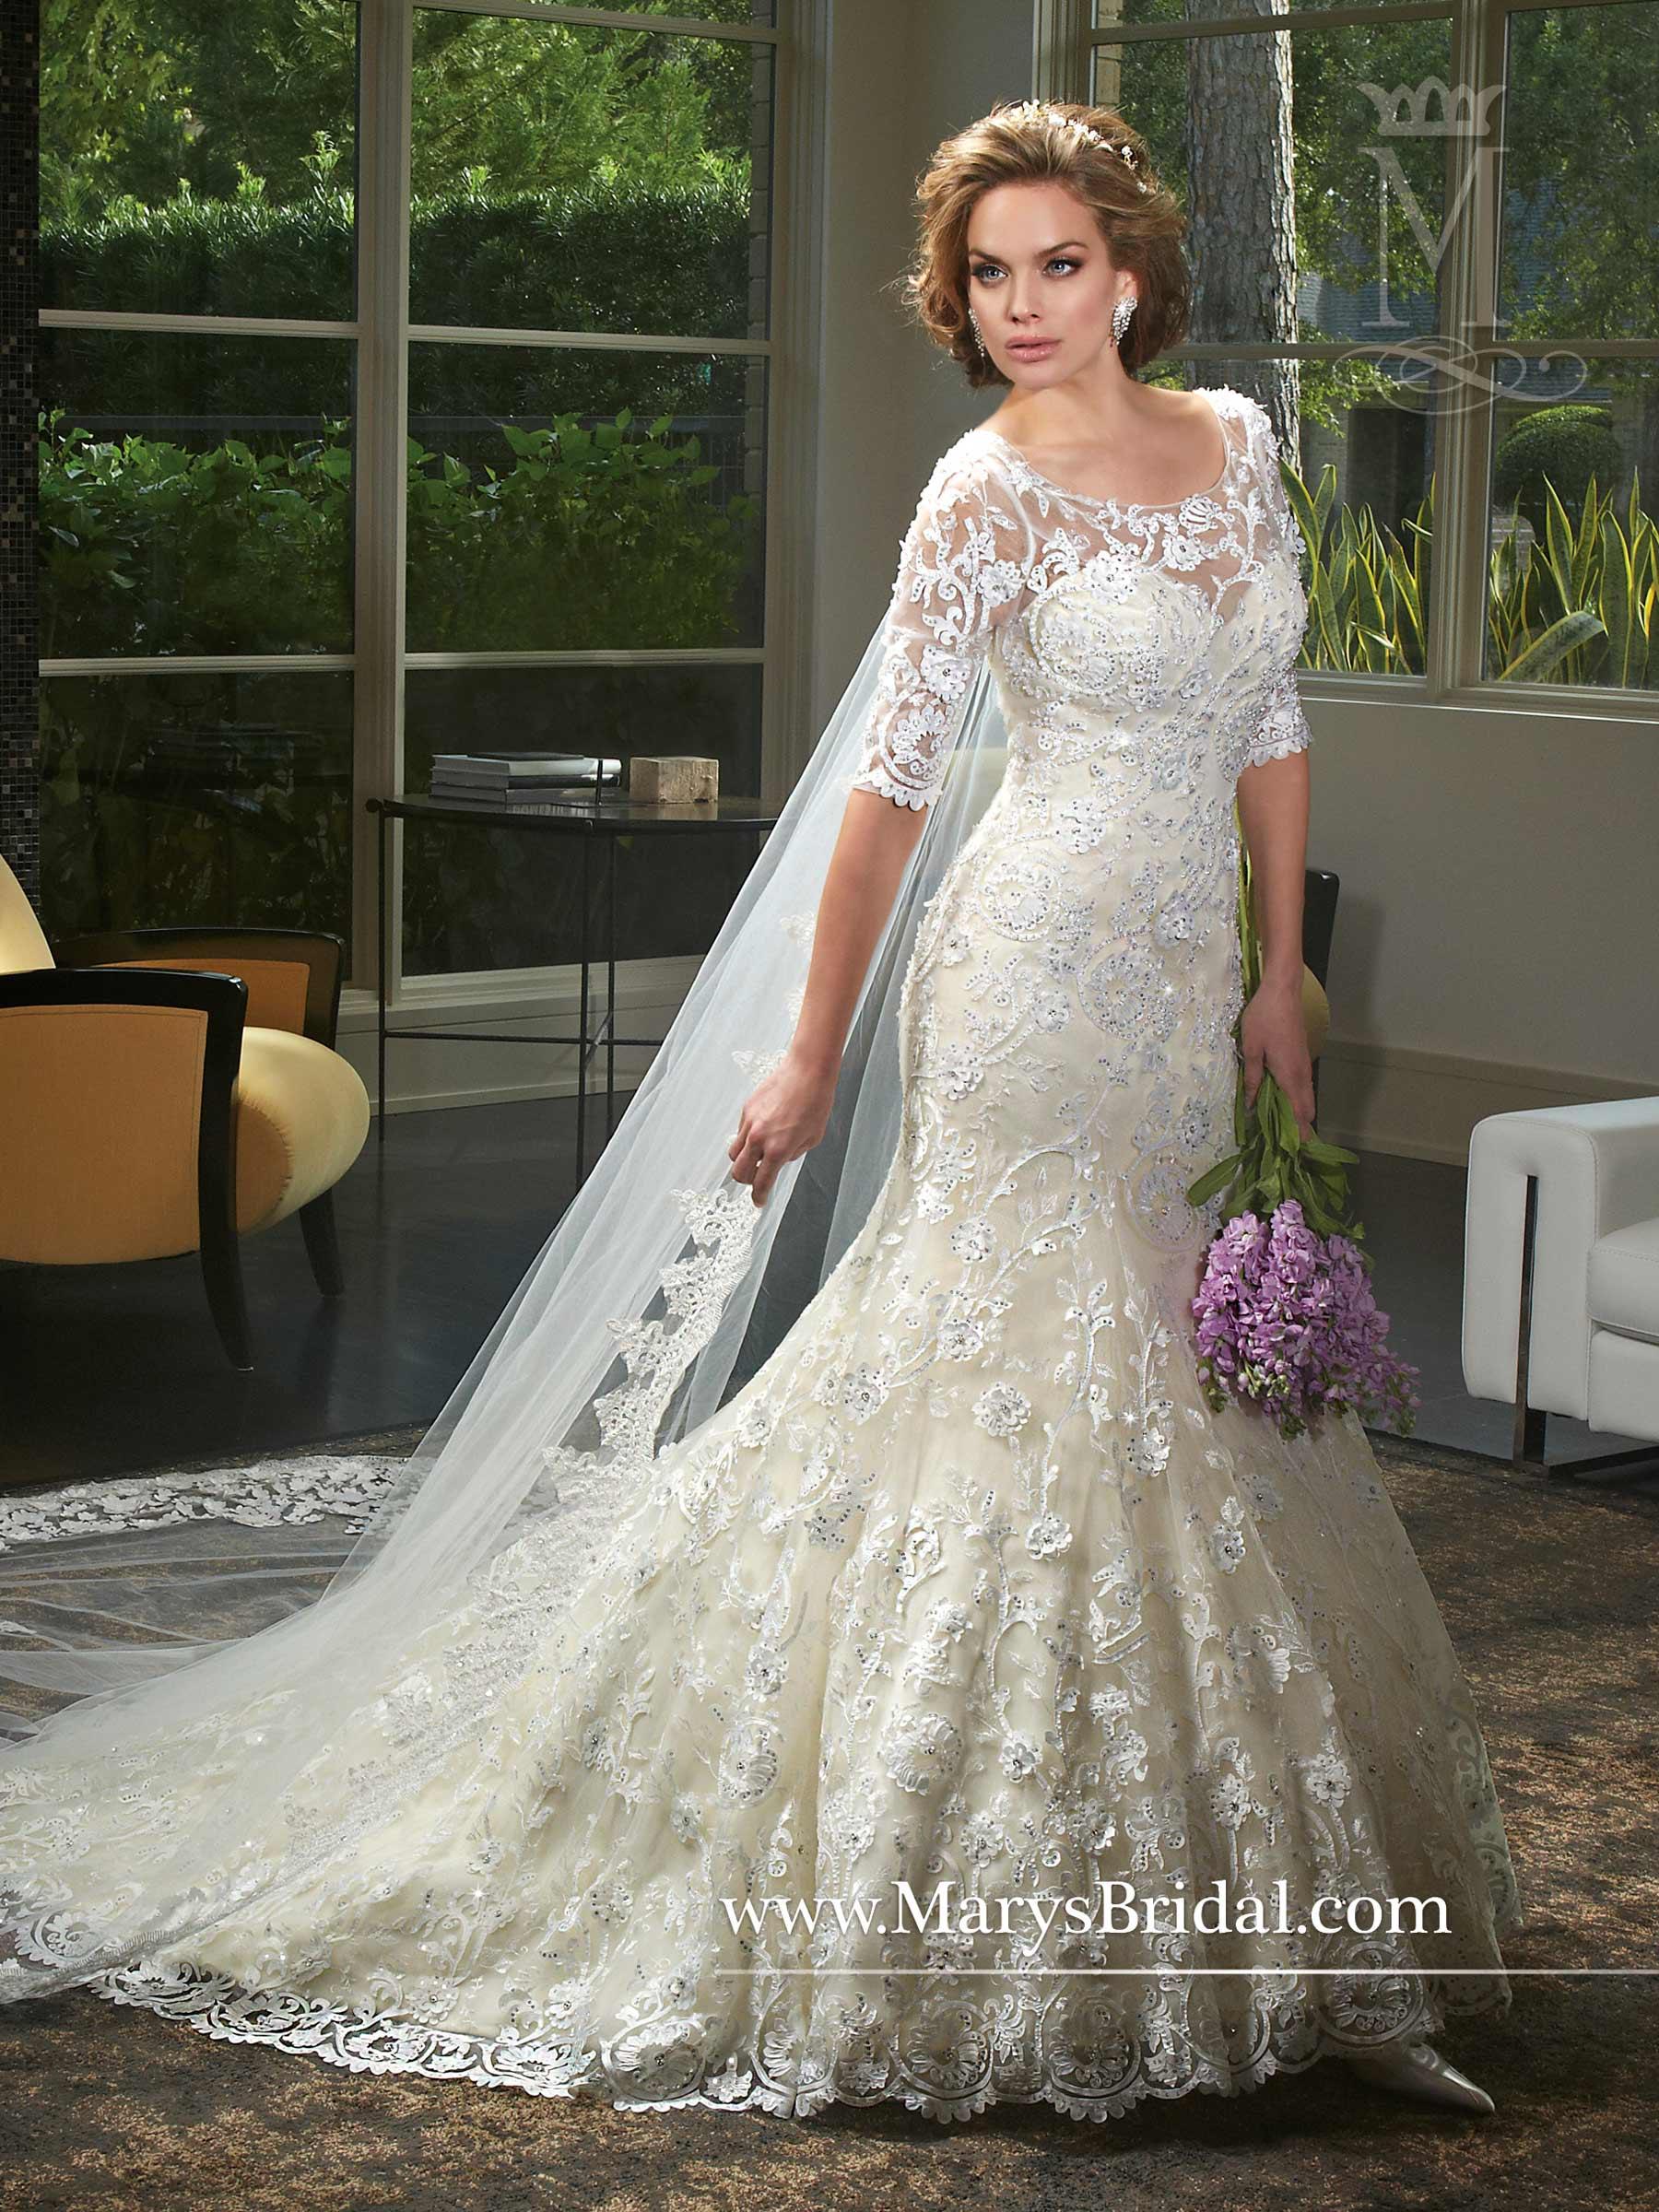 6403-marys bridal